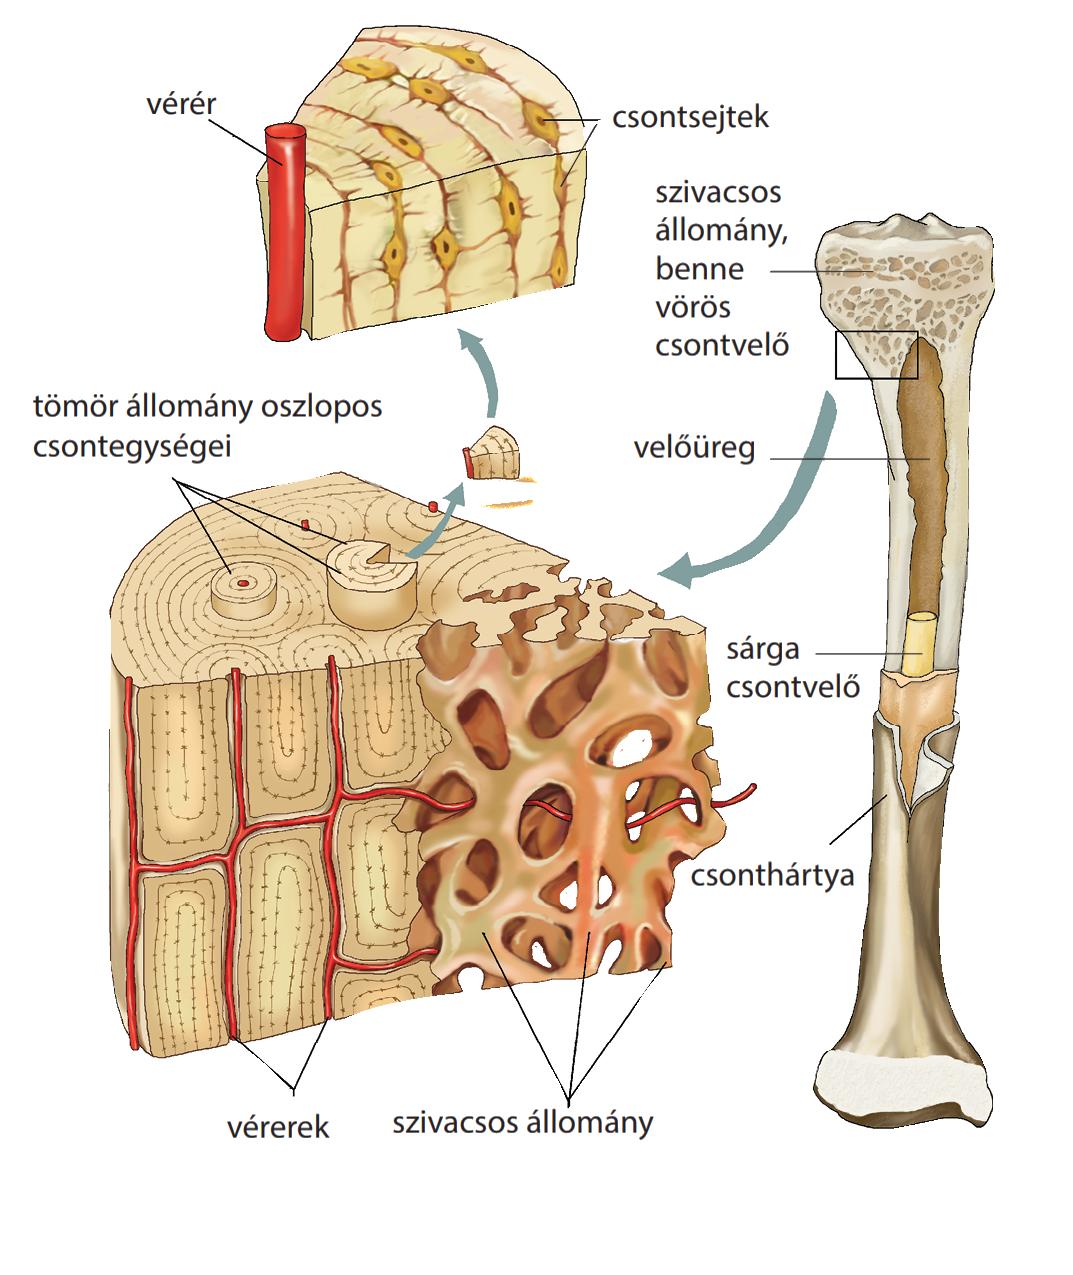 fáj a csontok ízületei